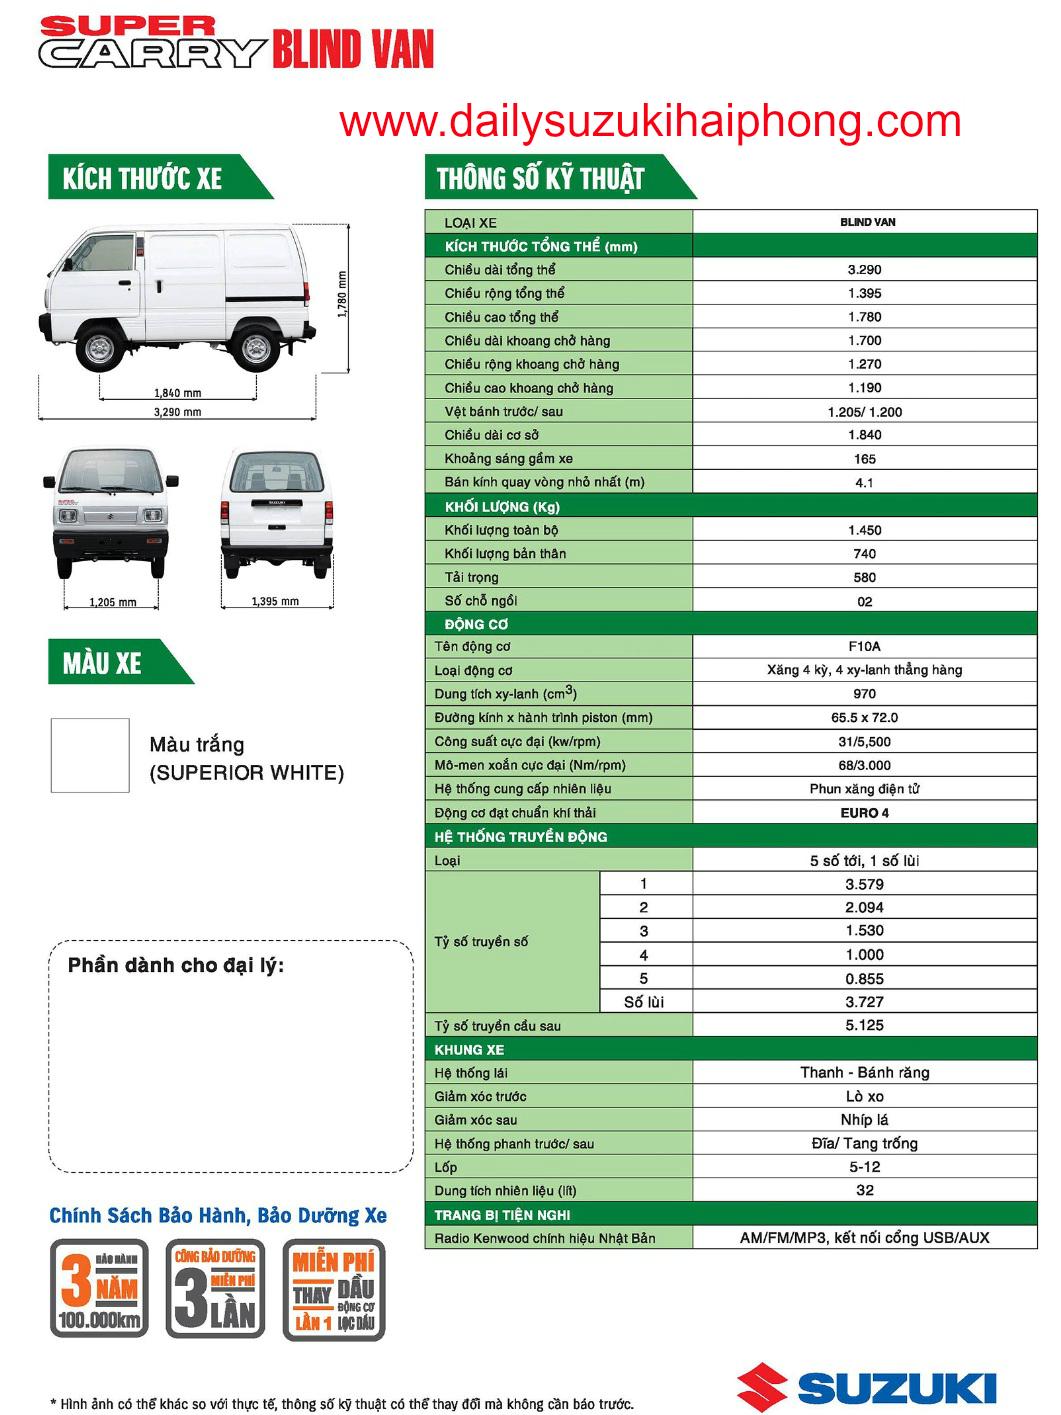 thông số kỹ thuật của xe bán tải suzuki Hải Phòng